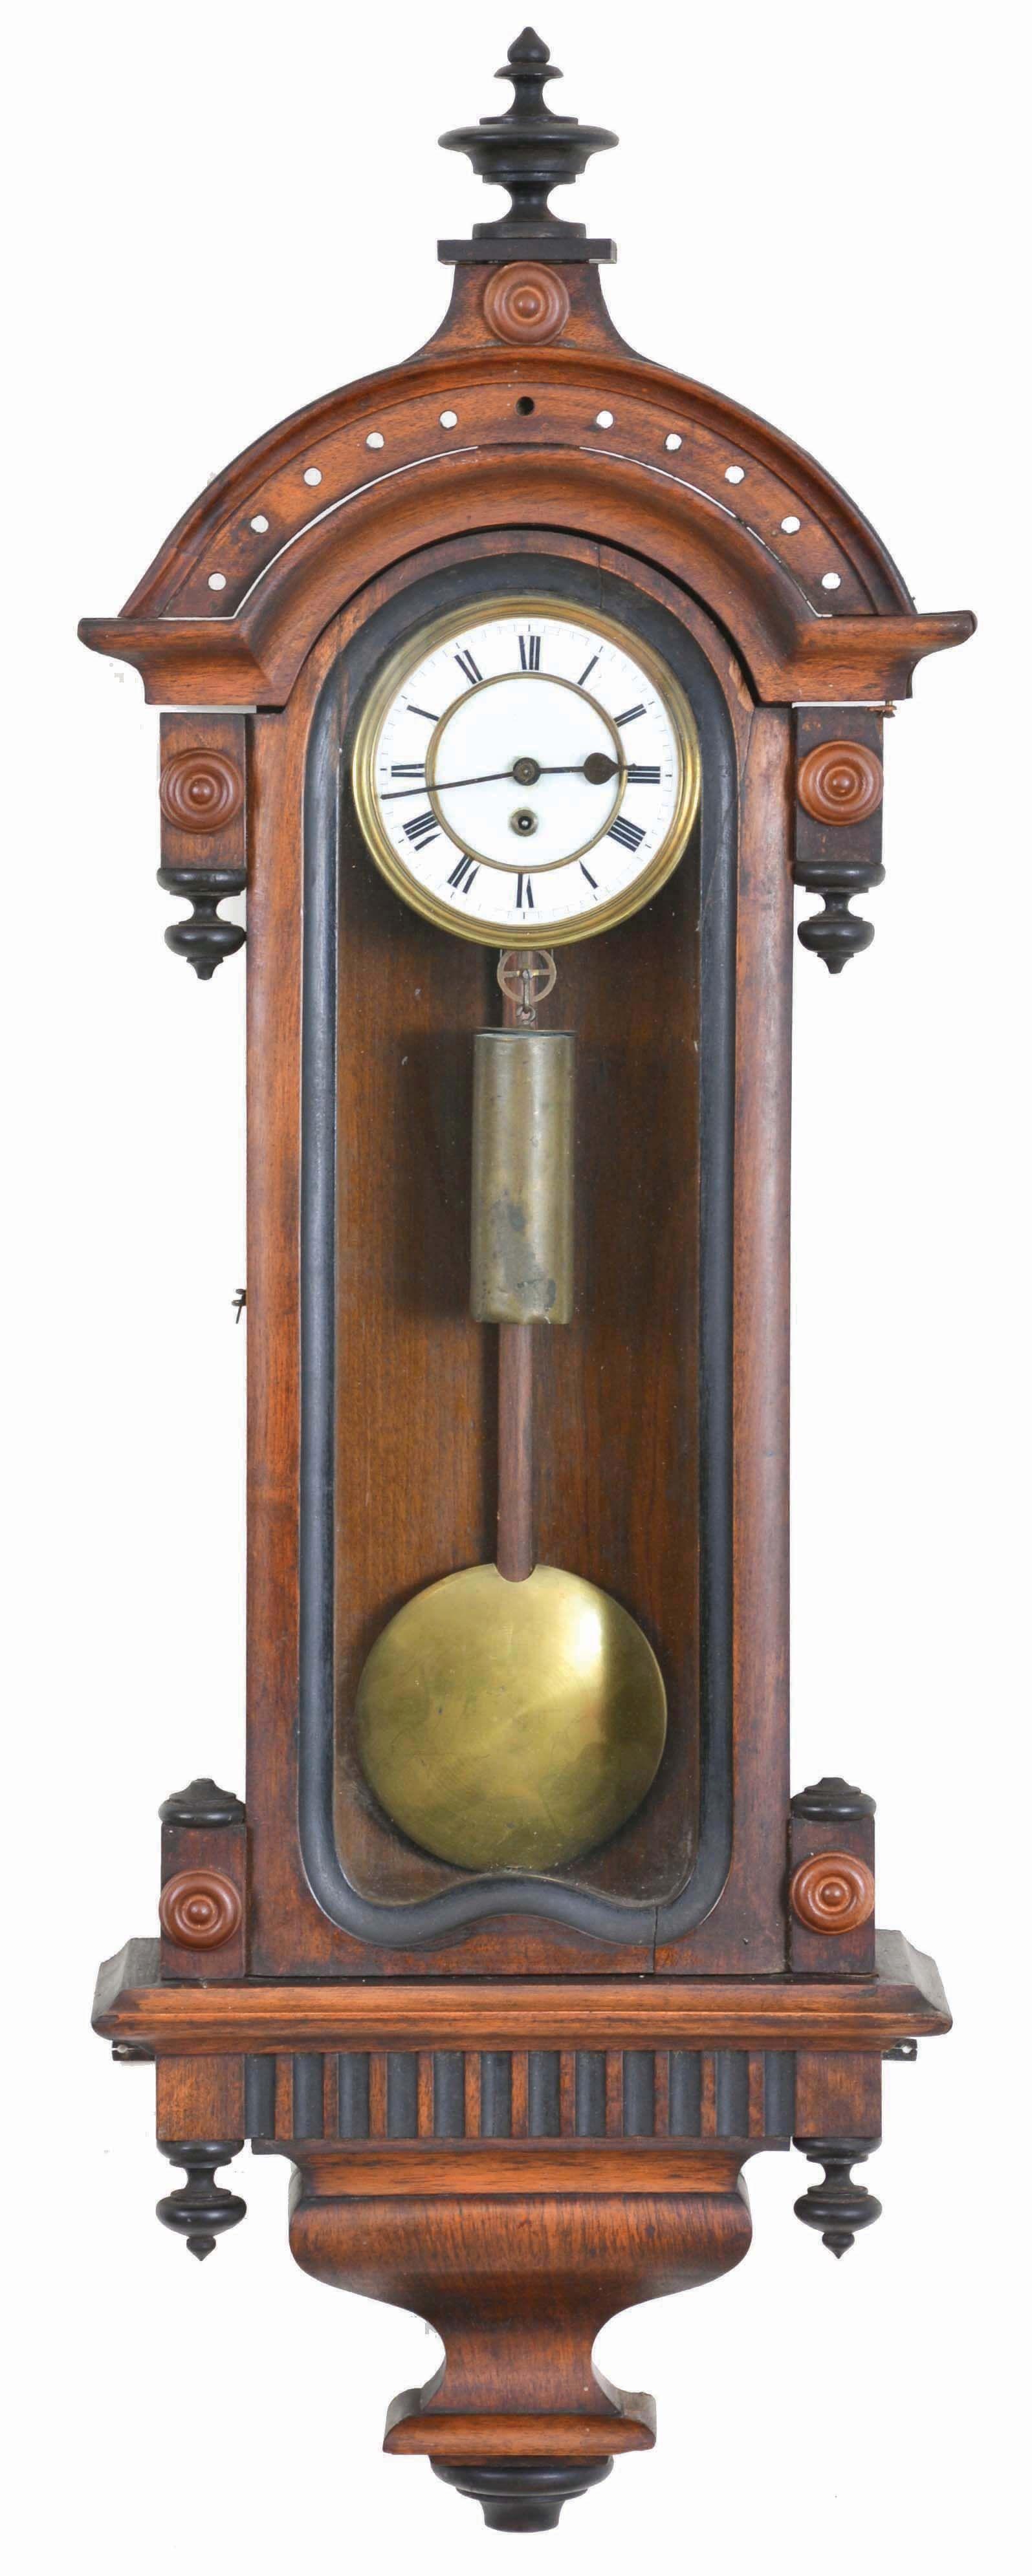 17509 A Jpg Obraz Jpeg 1595 3983 Pikseli Skala 15 Antique Clocks Antique Wall Clock Clock Shop